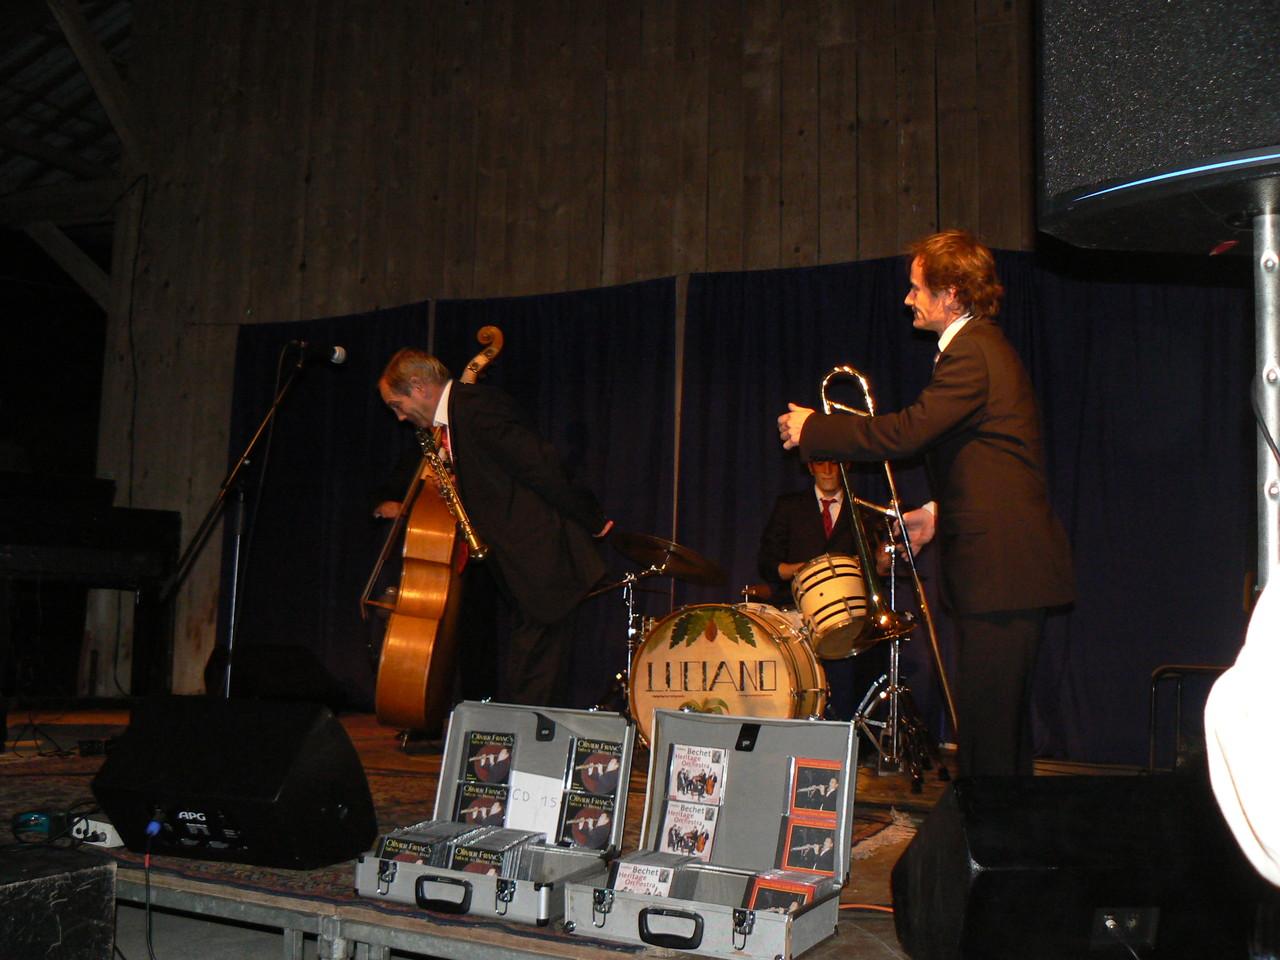 """23h chez Annick et Gustave, pour clore cette """"nuit blanche"""", un boeuf avec Olivier Franc Jazz Quintet! Des pointures!!!"""